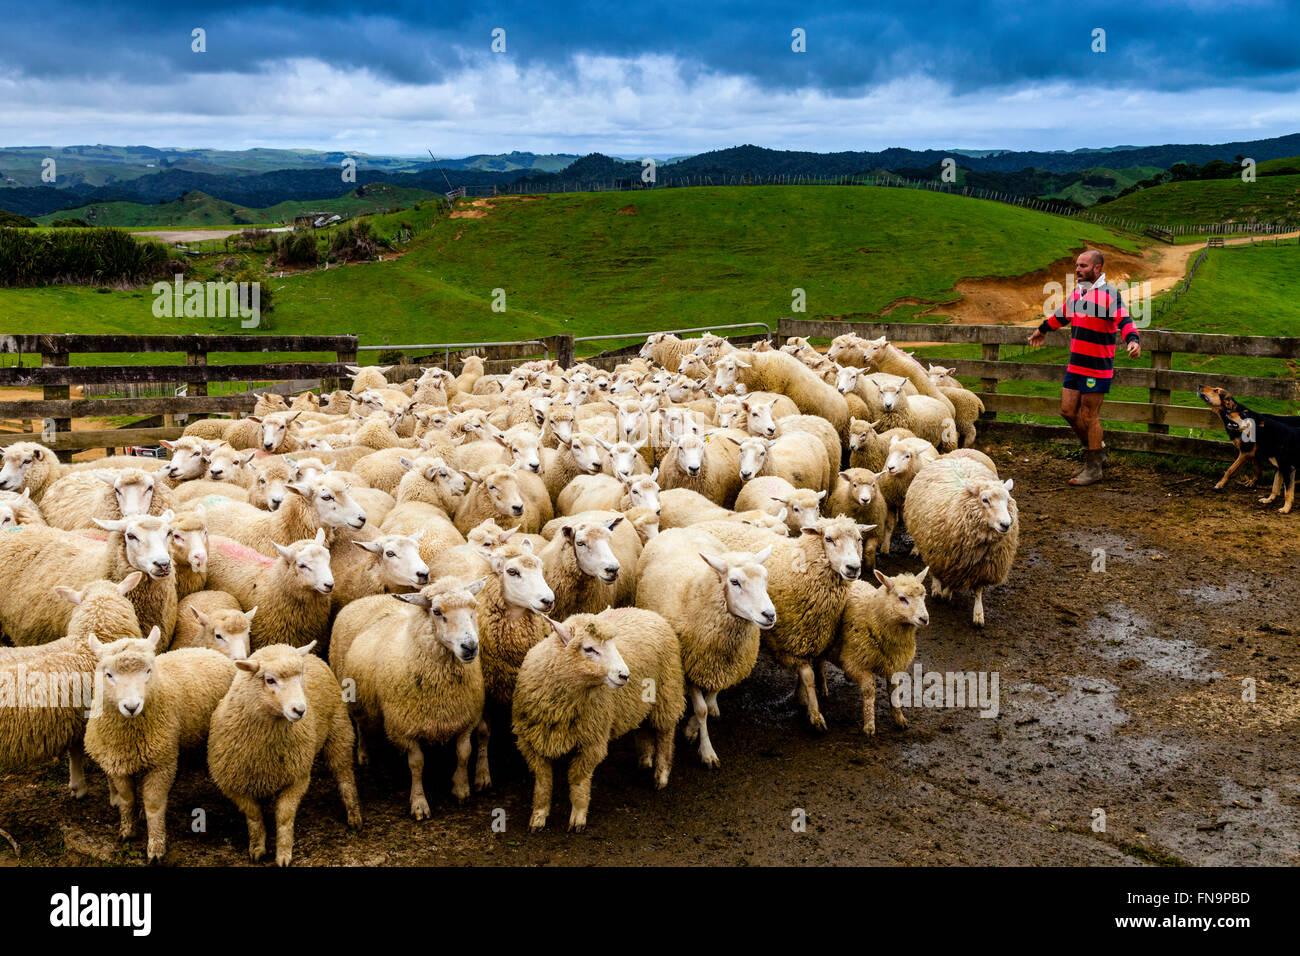 Ovejas en un corral de ovejas esperando a ser cortado, granja ovejera, pukekohe, Nueva Zelanda Foto de stock